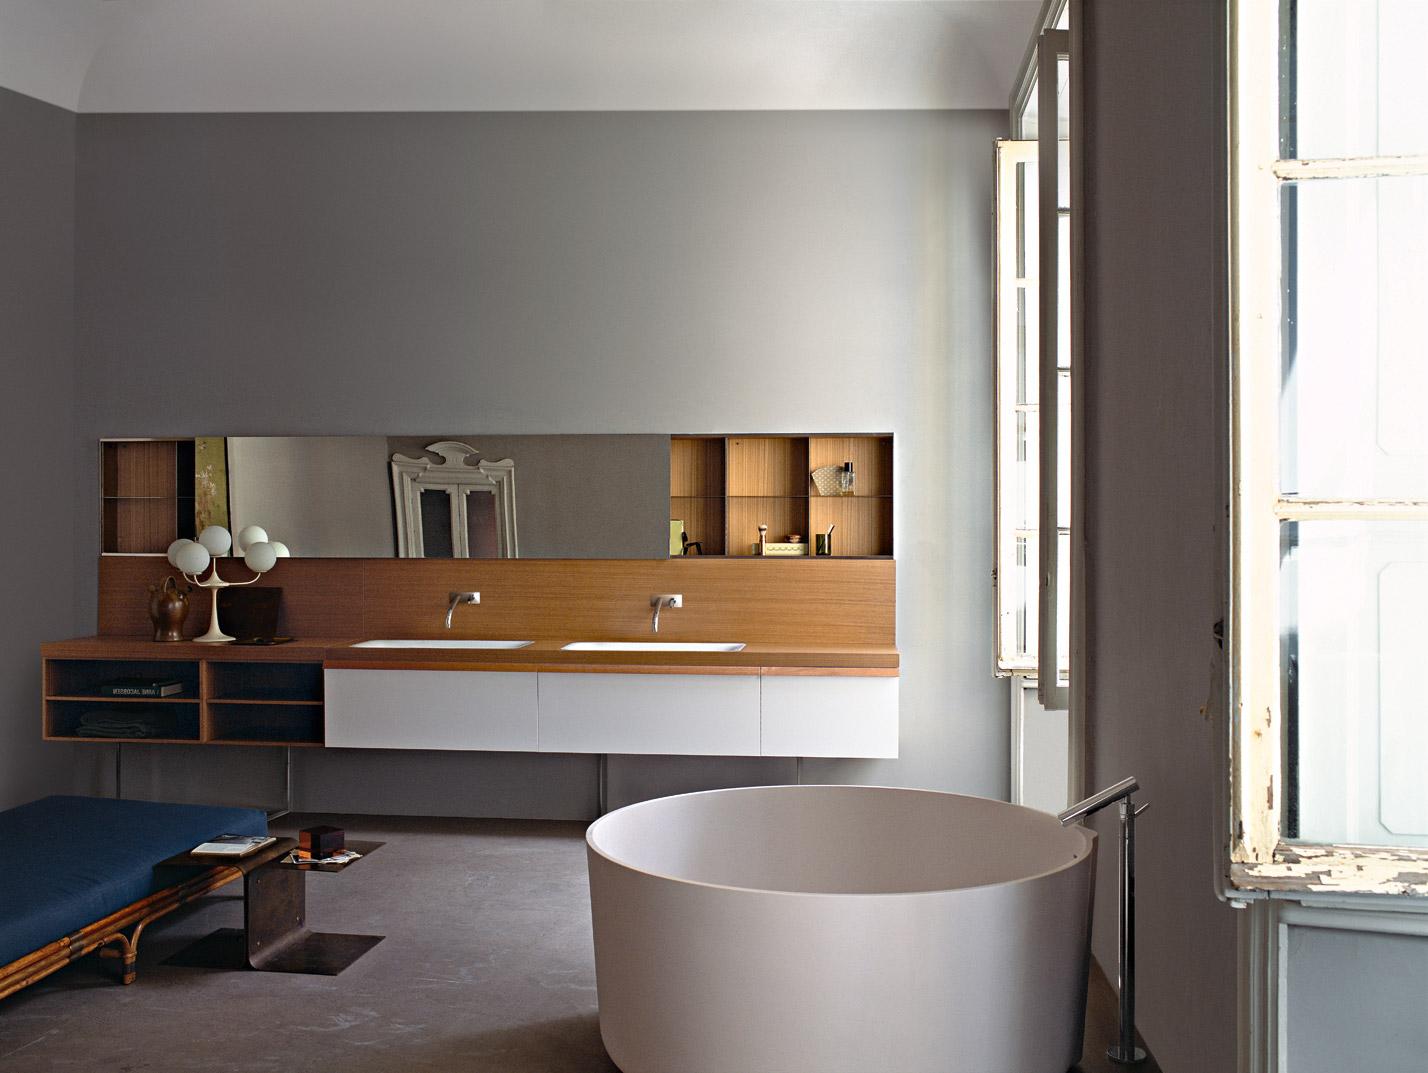 Ottocento 002 vask fra Agape Design